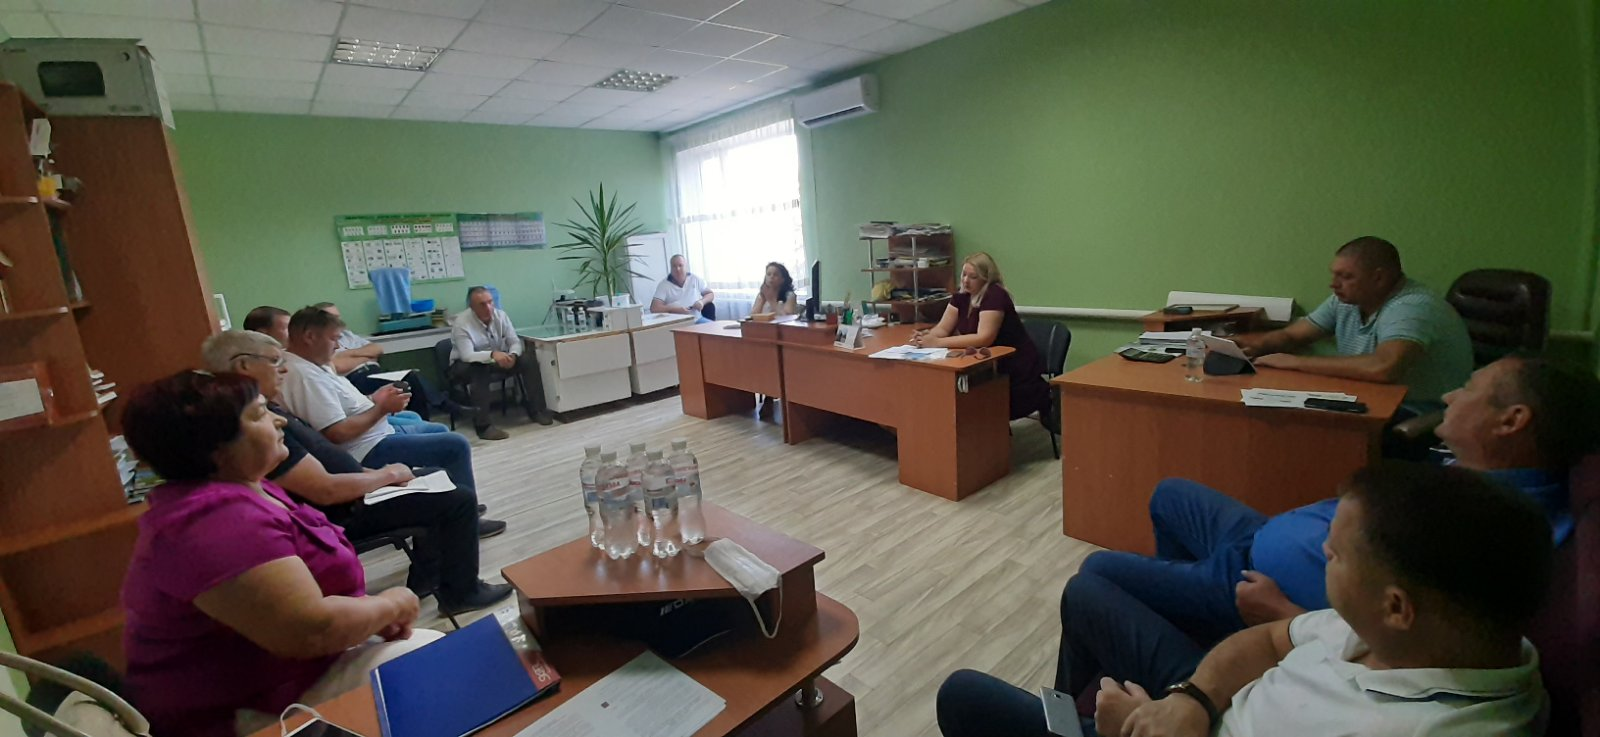 Співпраця Управління фітосанітарної безпеки з представниками сільгосппідприємств Чаплинського району